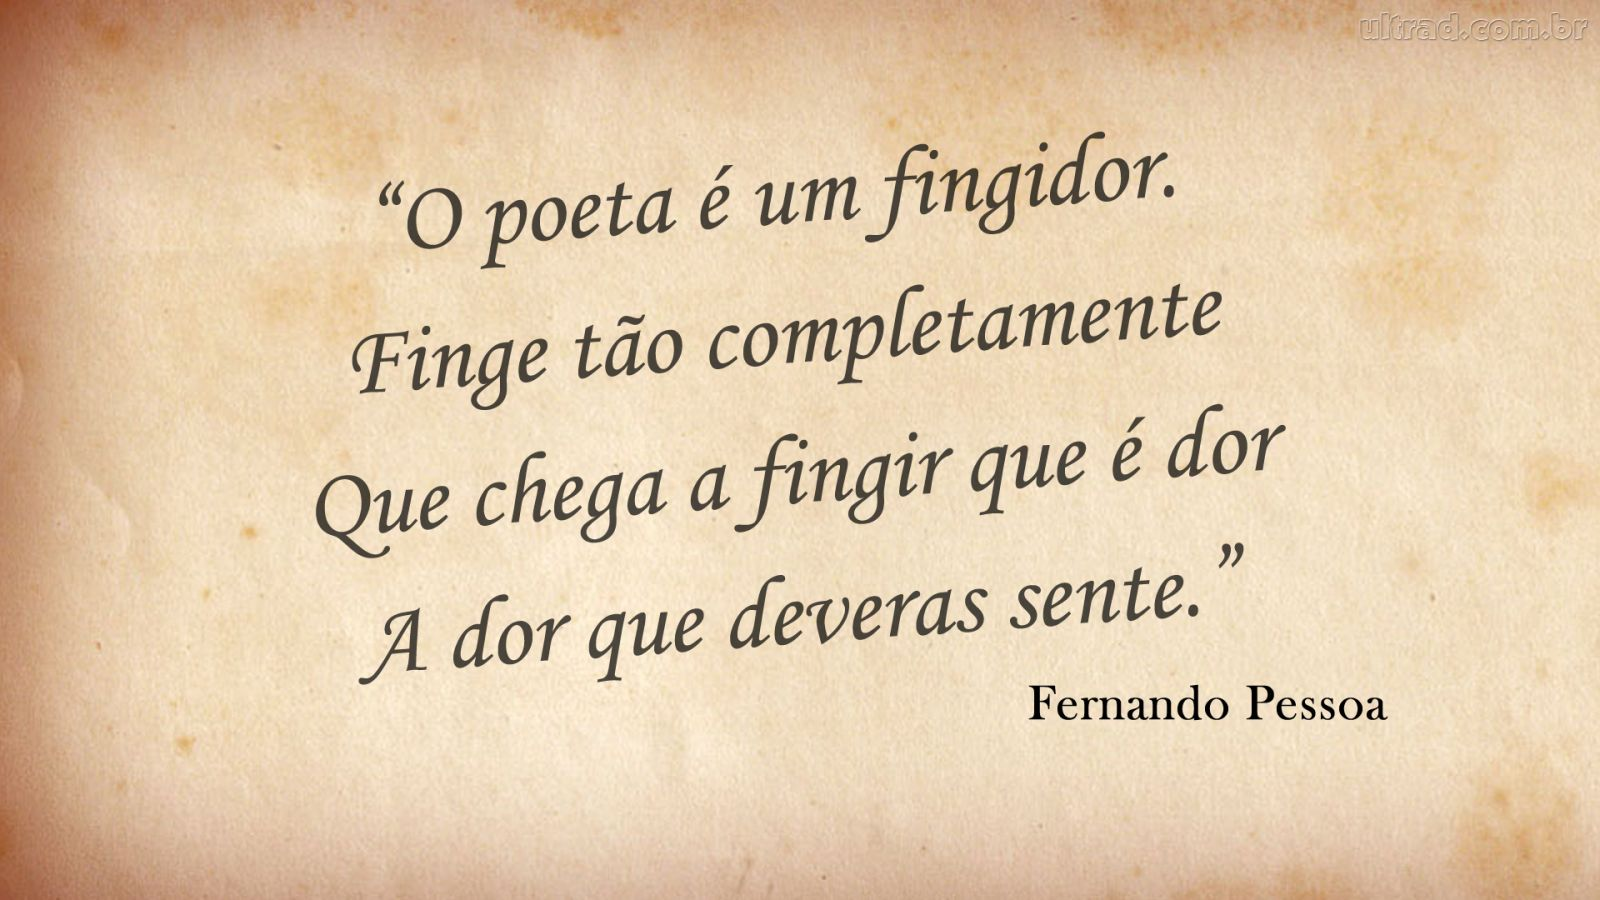 Os 15 Poemas Mais Bonitos Escritos Em Português